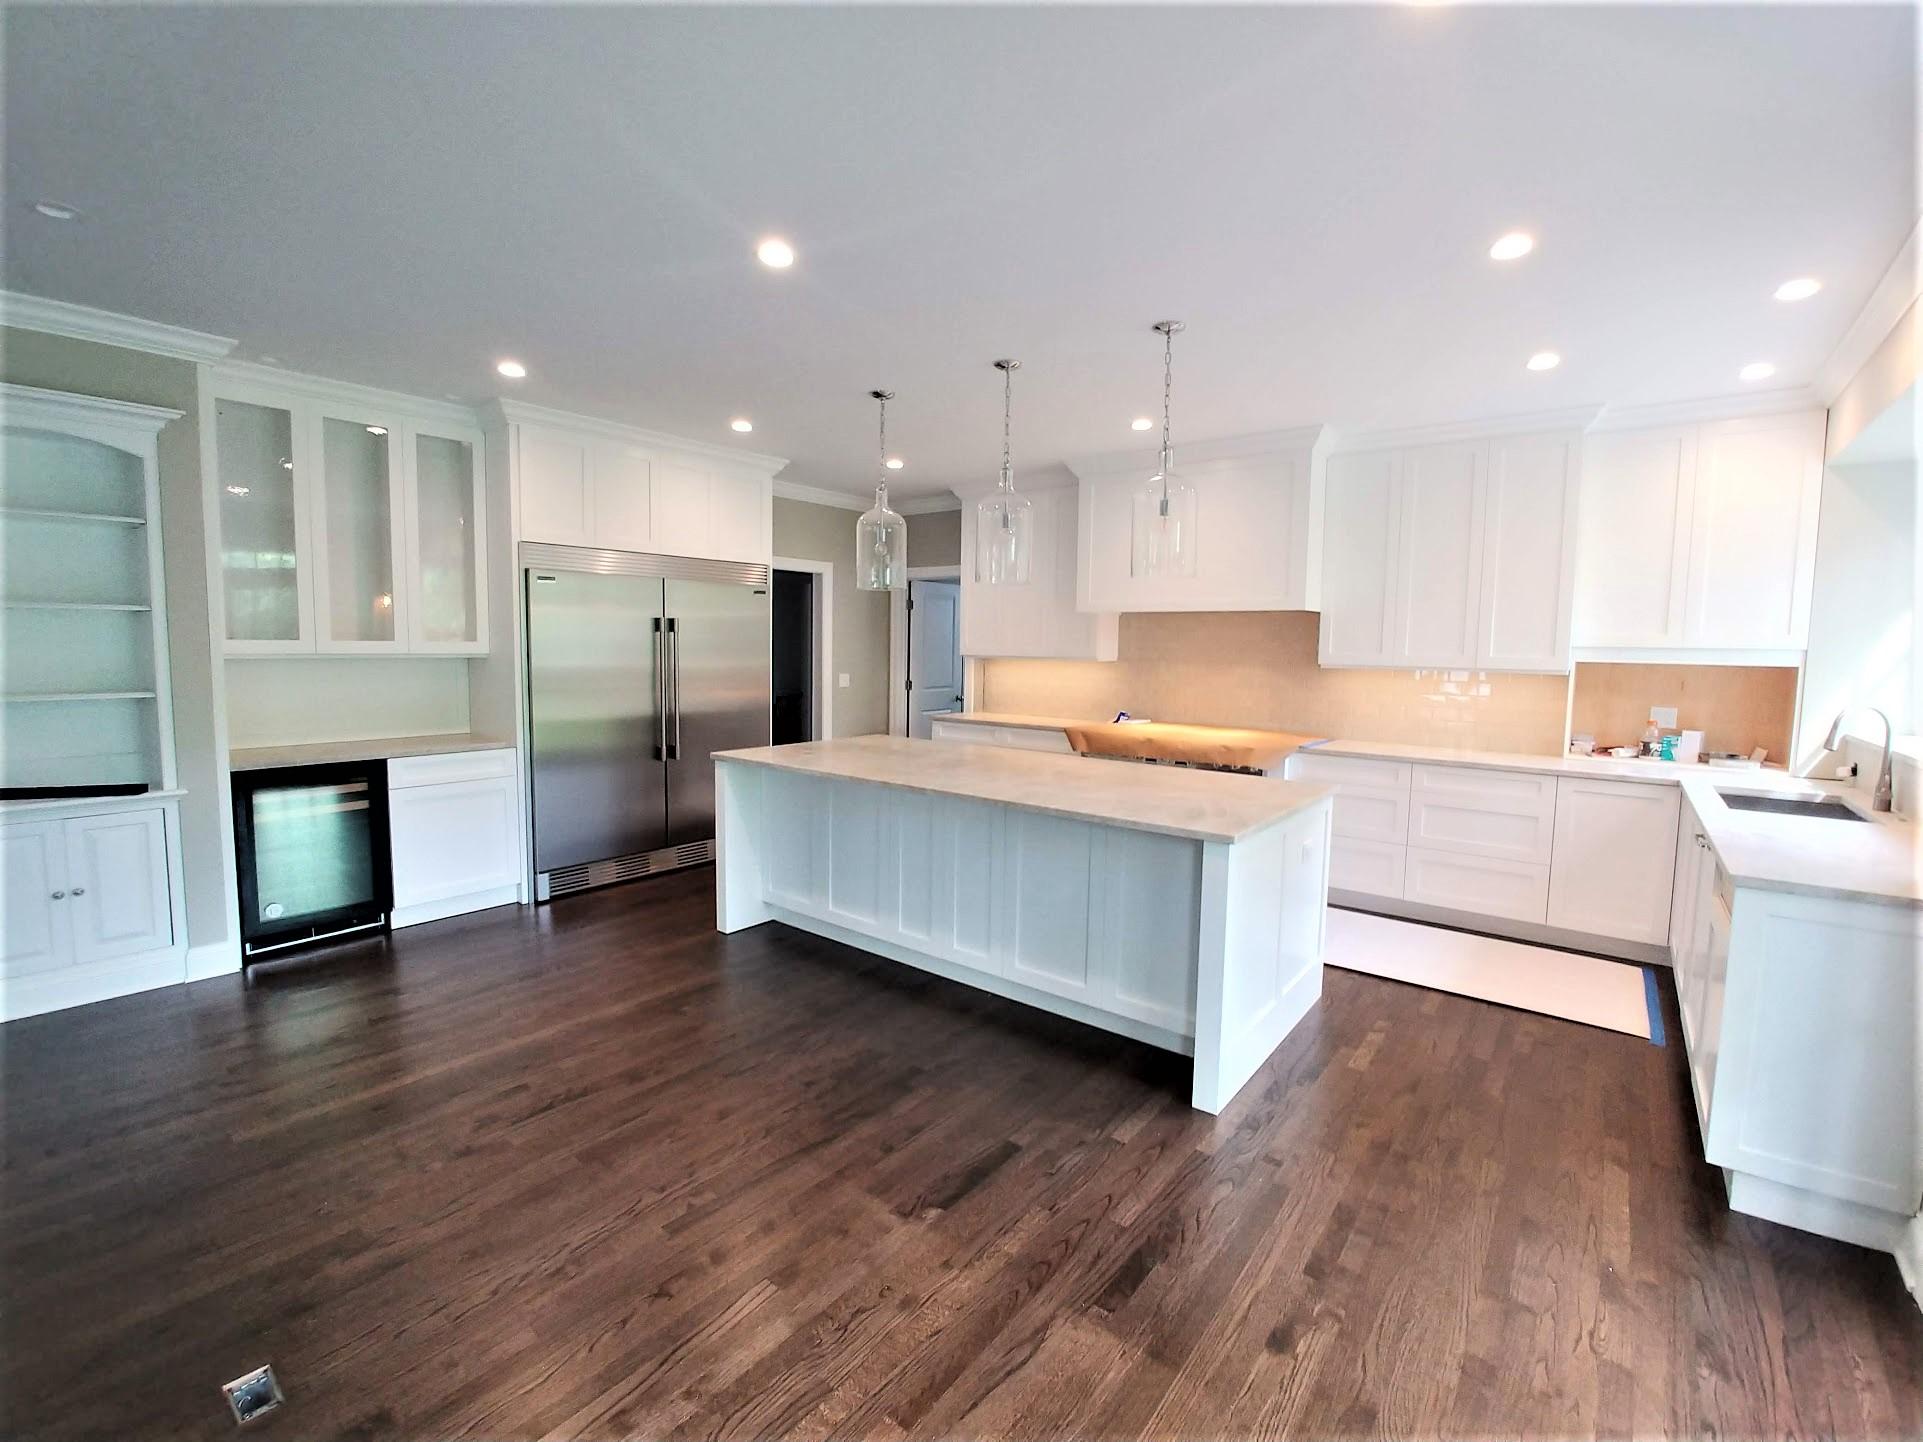 David Harney Kitchen Cabinets Cedar Ln Northbrook IL 2